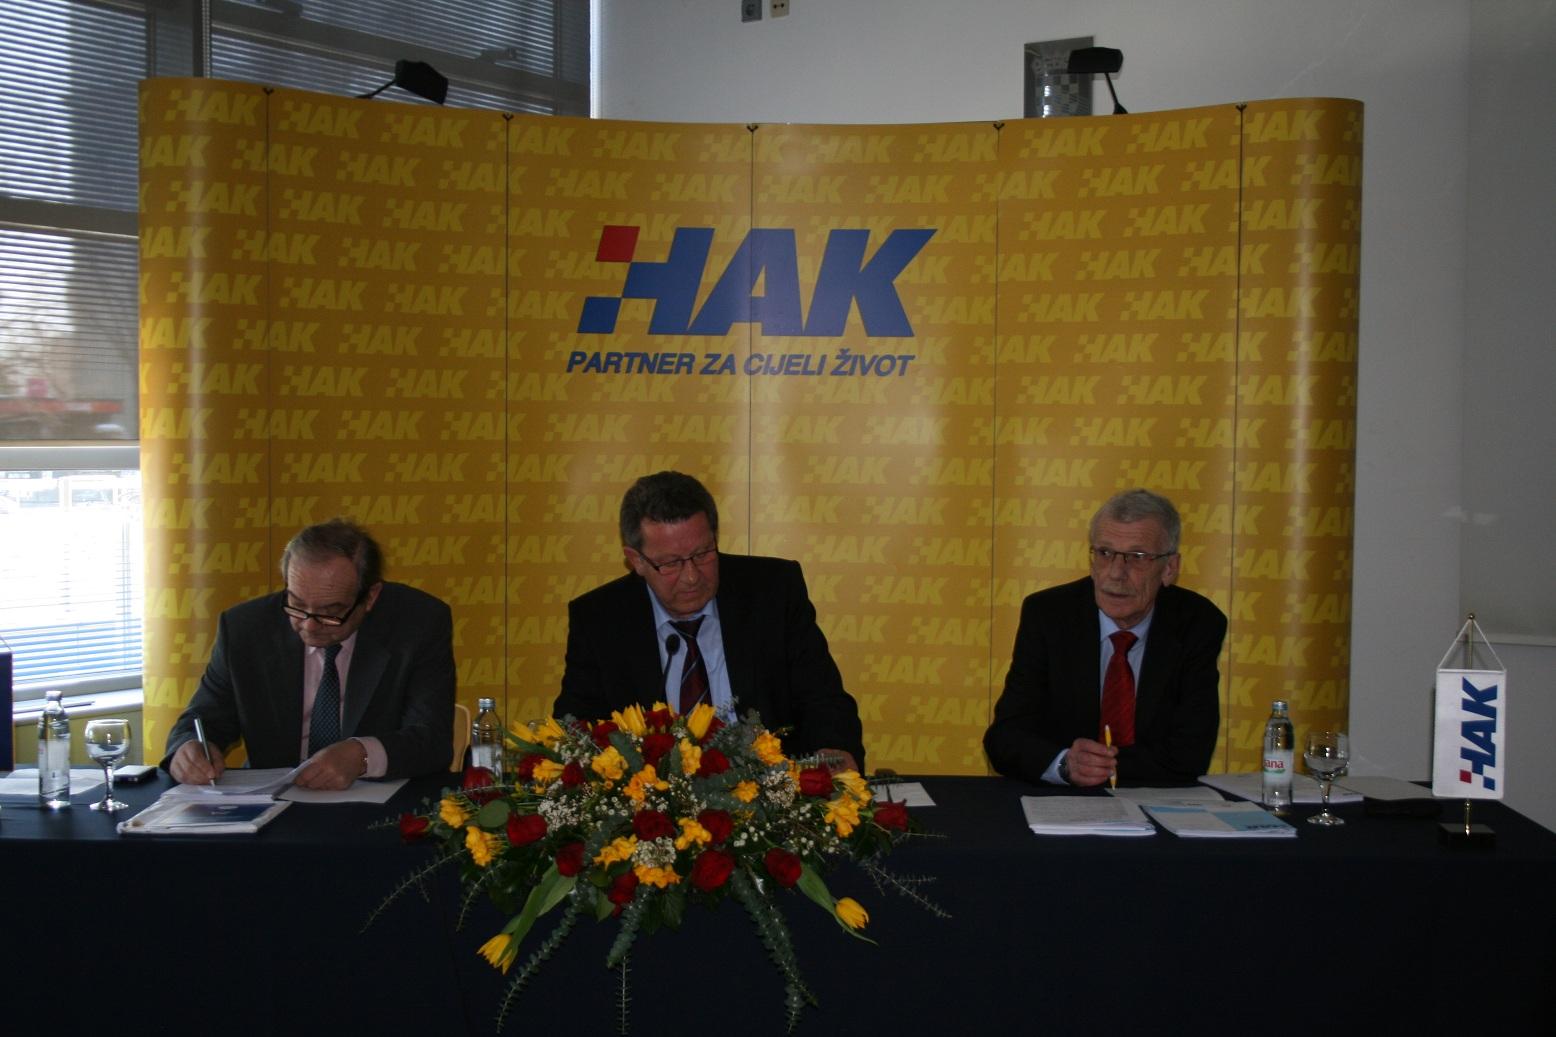 Predsjednik HAK-a g. Slavko Tušek sa zamjenikom dr.sc. Marijanom Ćurkovićem (lijevo) i glavnim tajnikom g. Zvonkom Šmukom (desno)